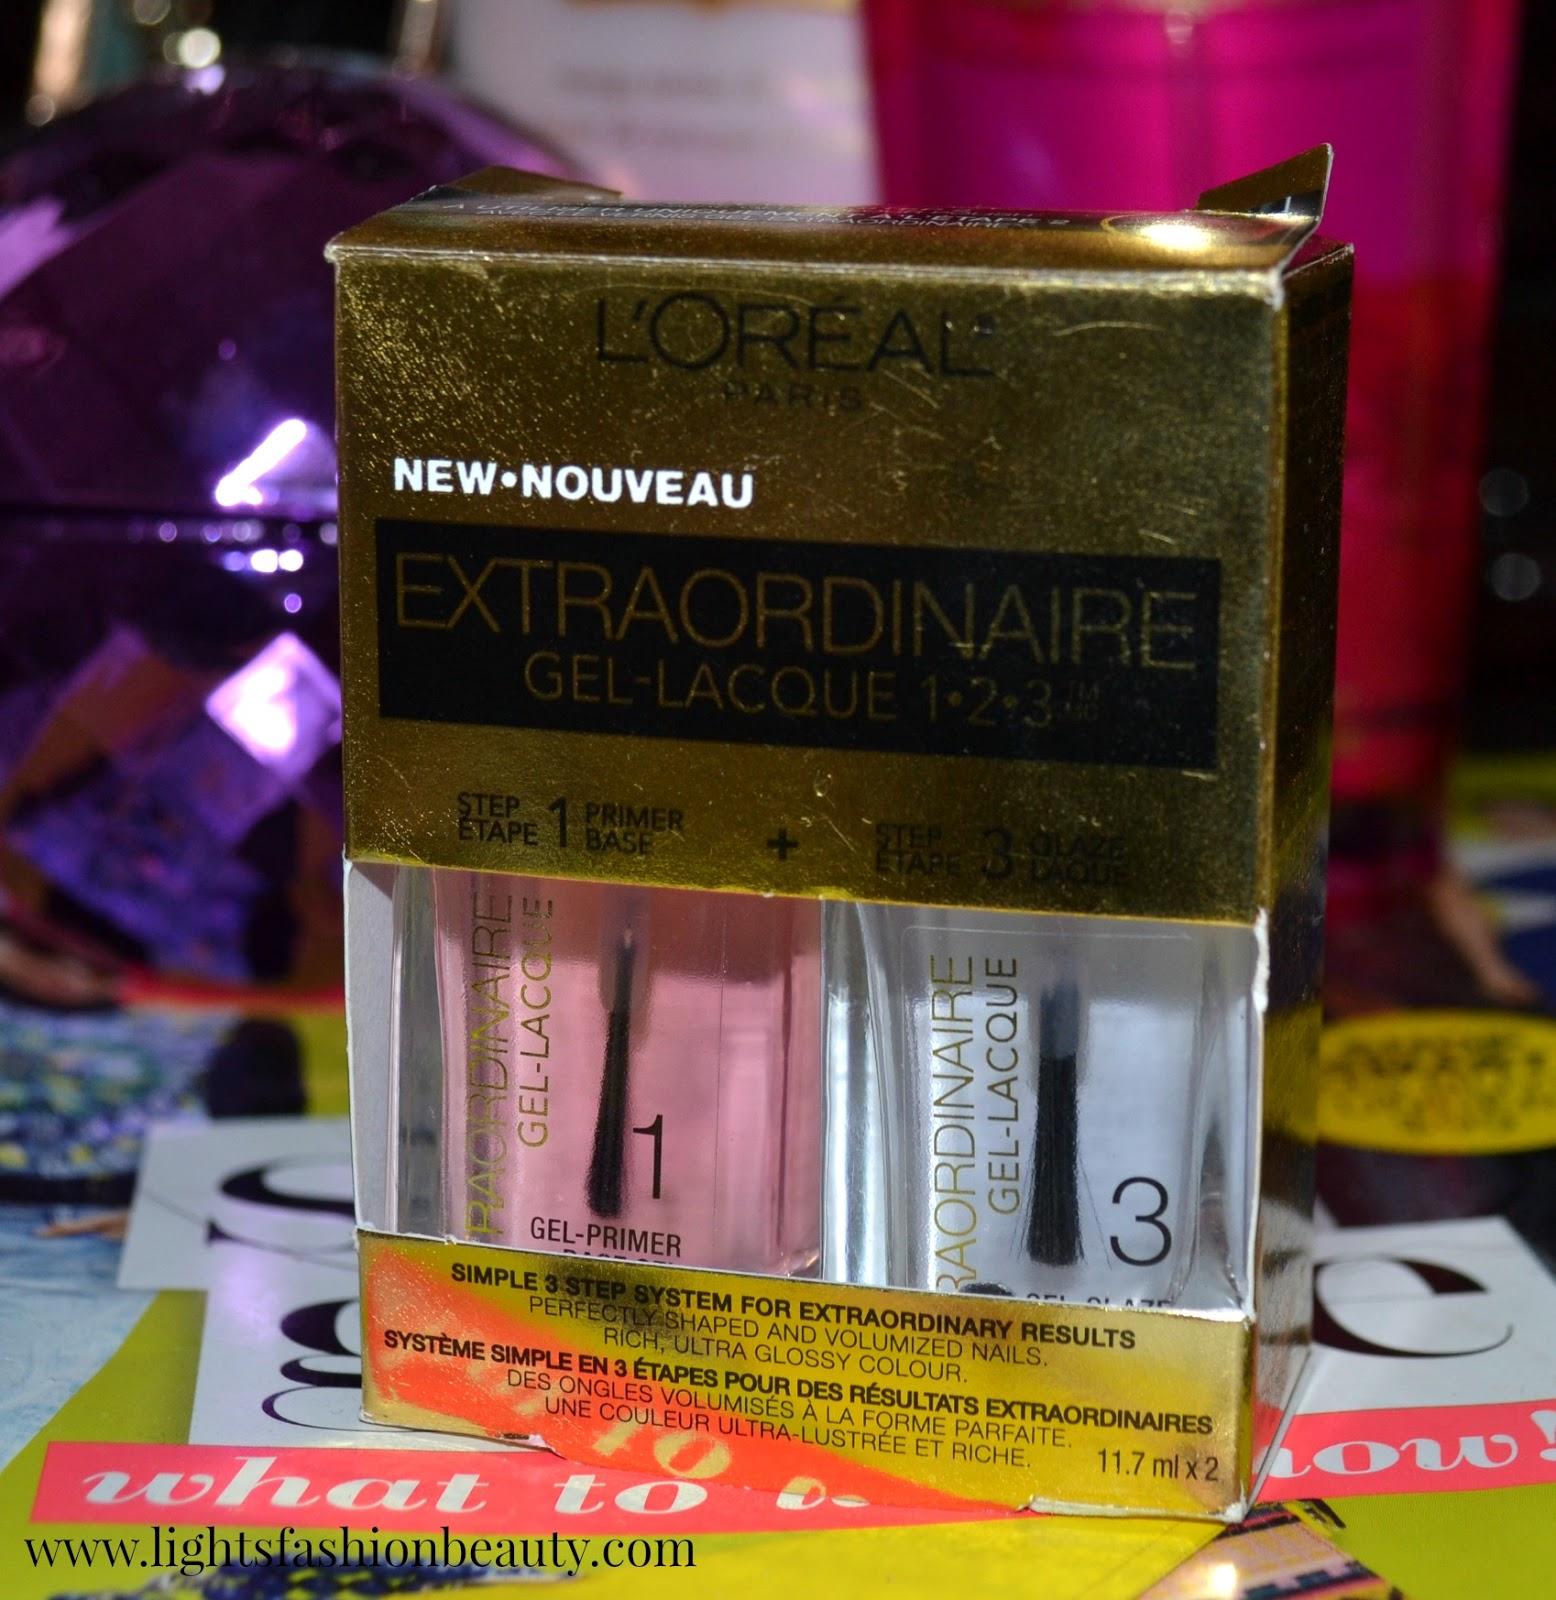 L'Oréal Extraordinaire Gel Lacque Kit